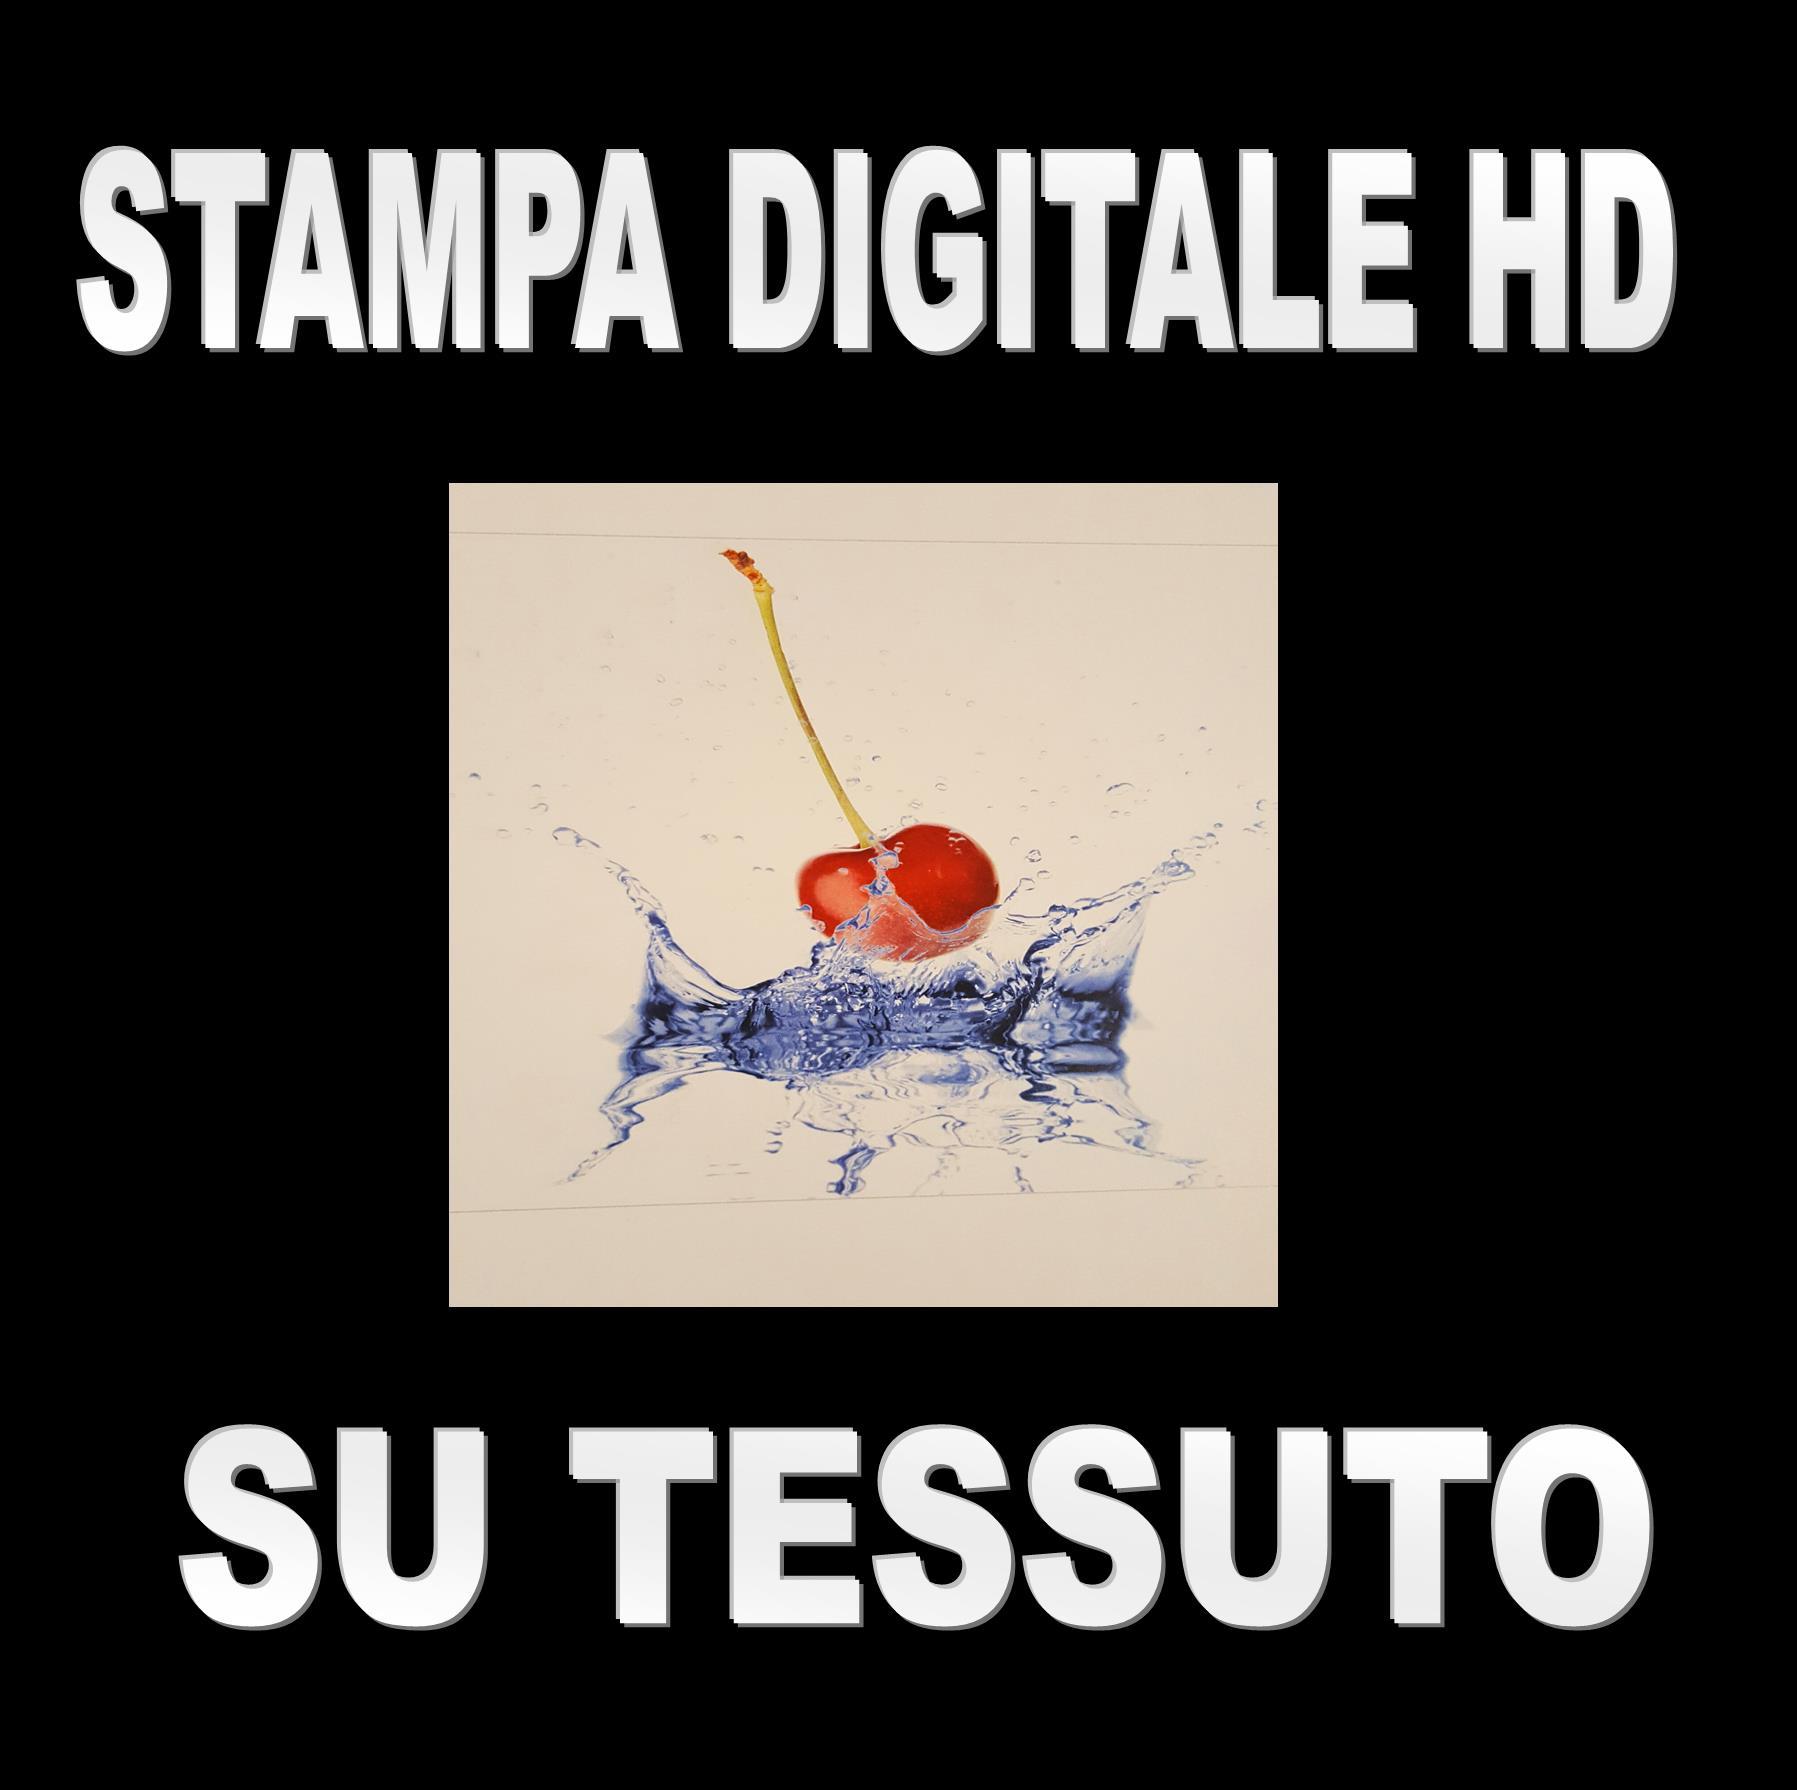 STAMPA DIGITALE ALTA DEFINIZIONE